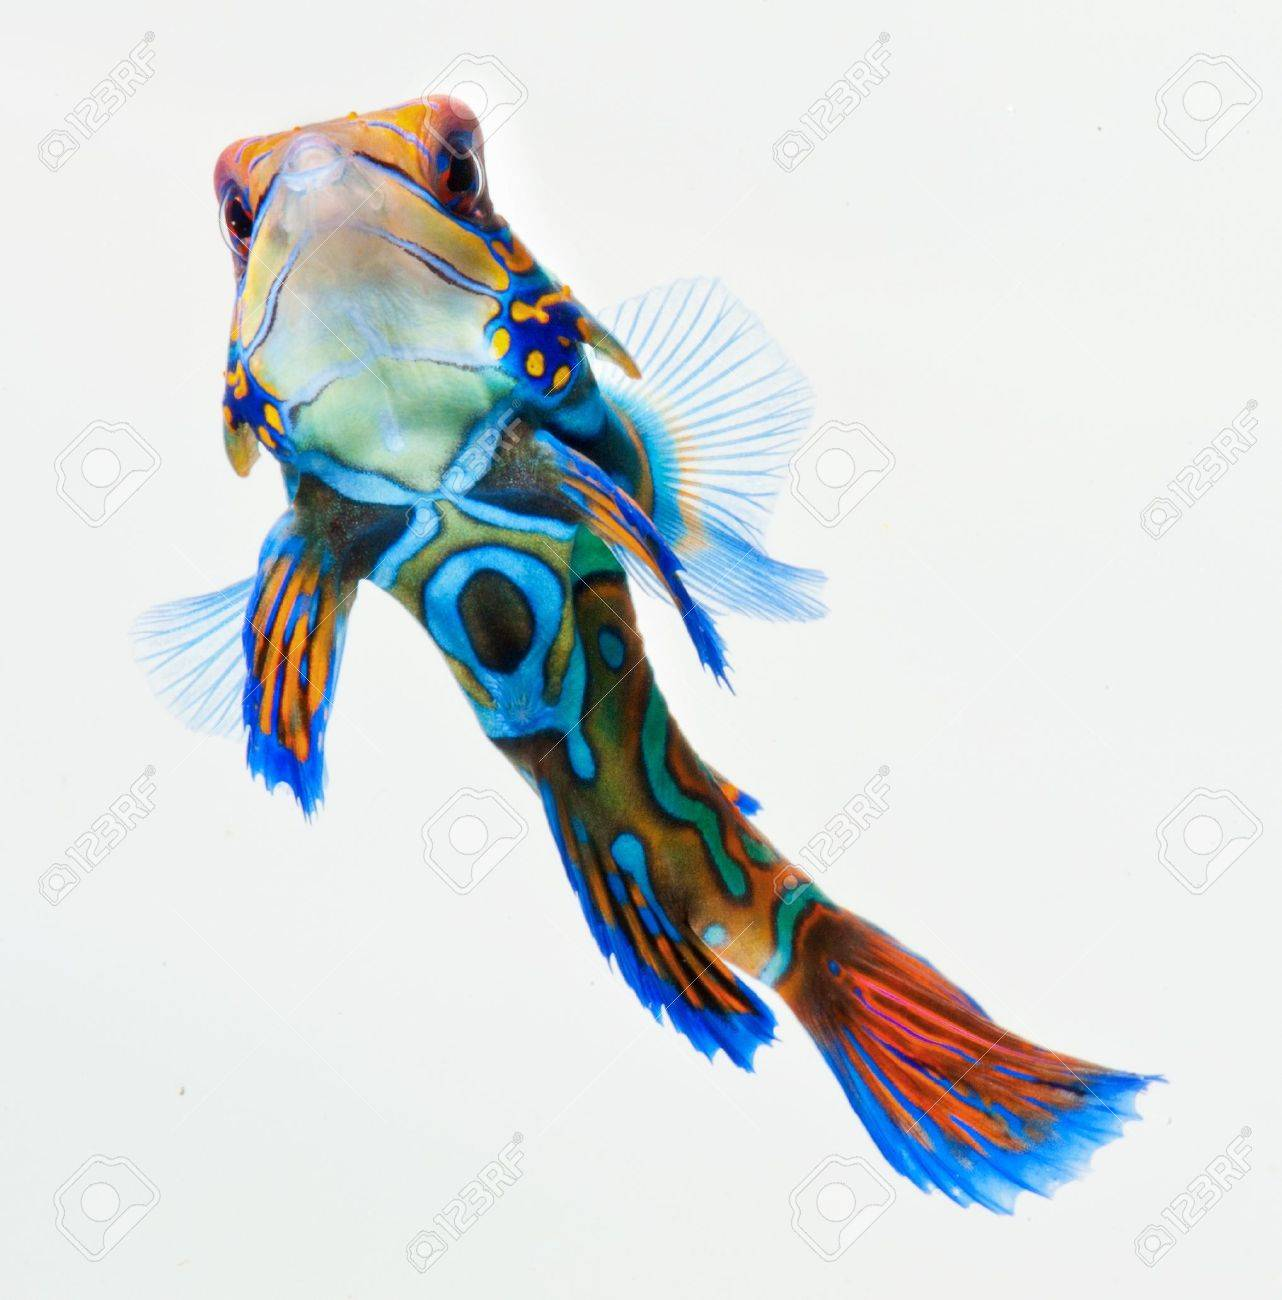 marine fish, reef fish, mandarin  dragonet isolated on white background Stock Photo - 12908875